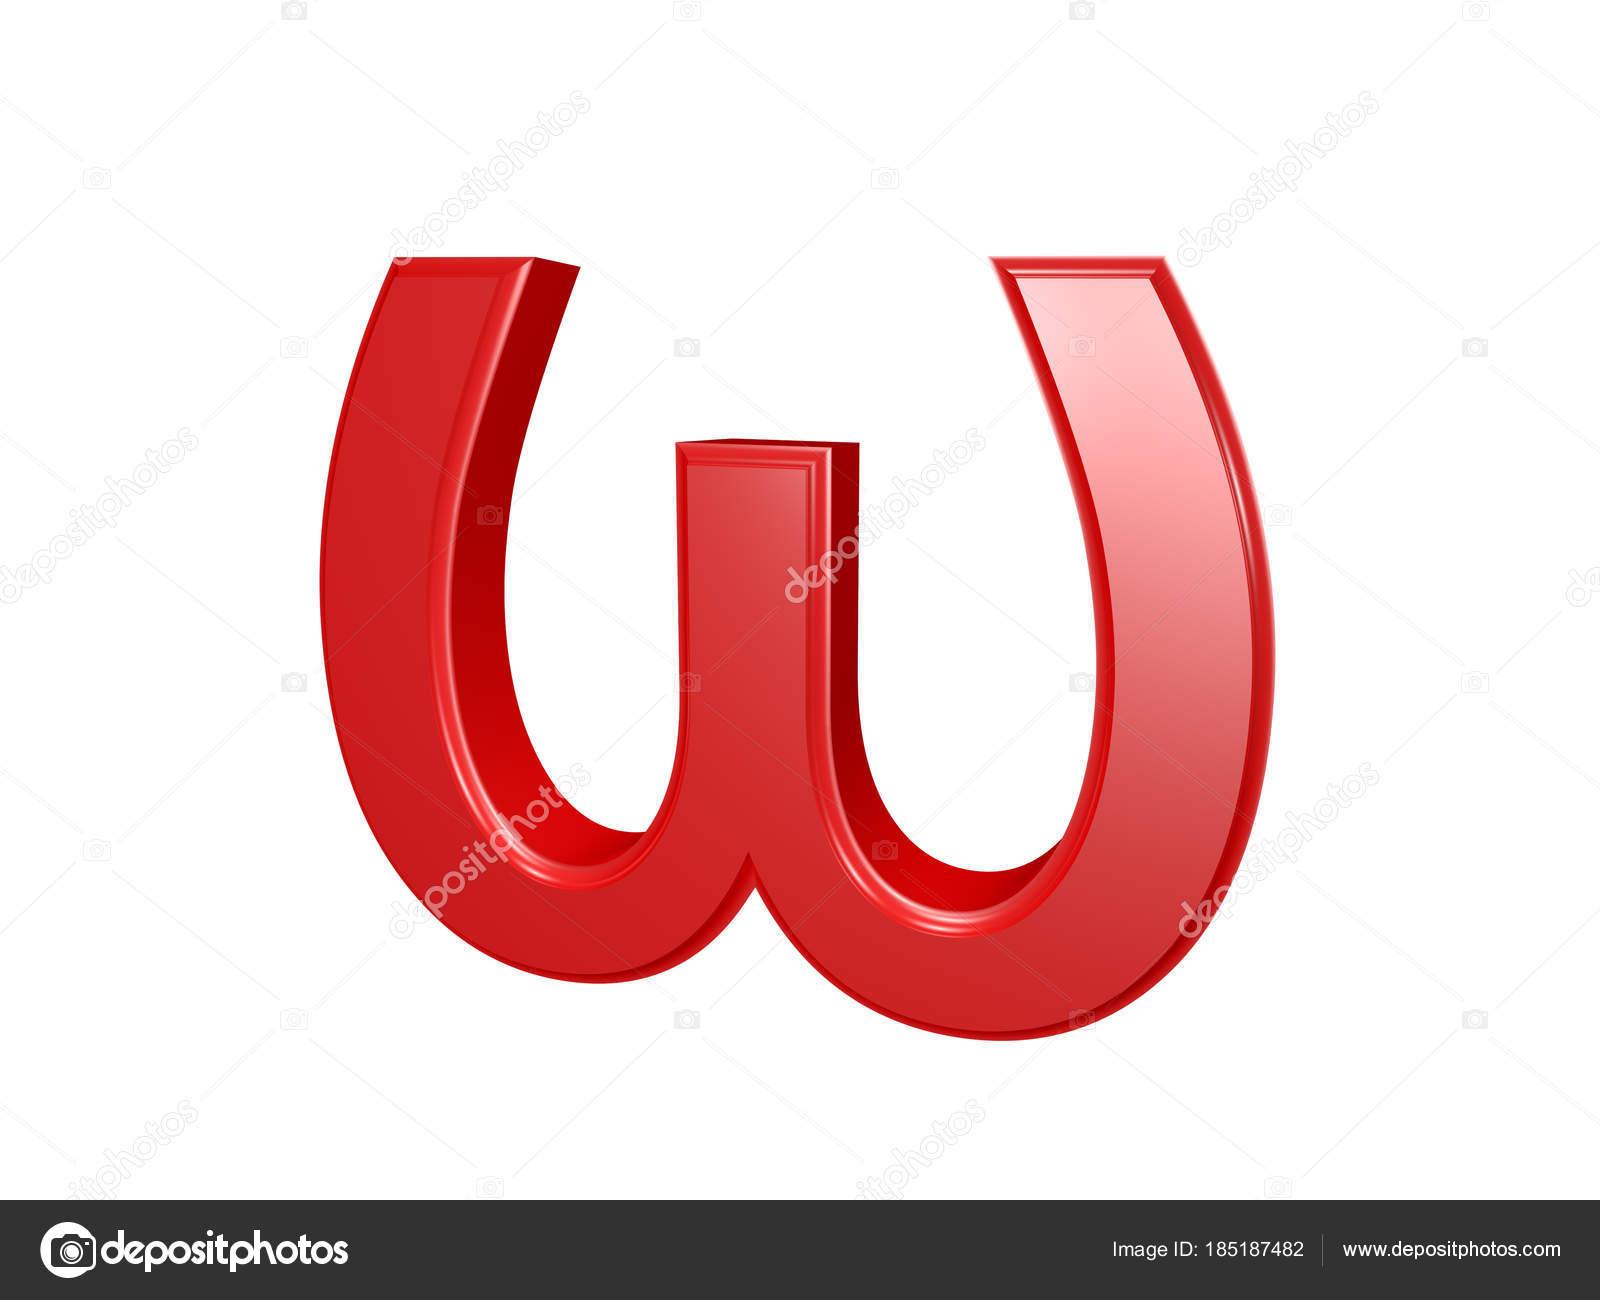 Omega greek letter isolated white illustration stock photo omega greek letter isolated white illustration stock photo biocorpaavc Gallery